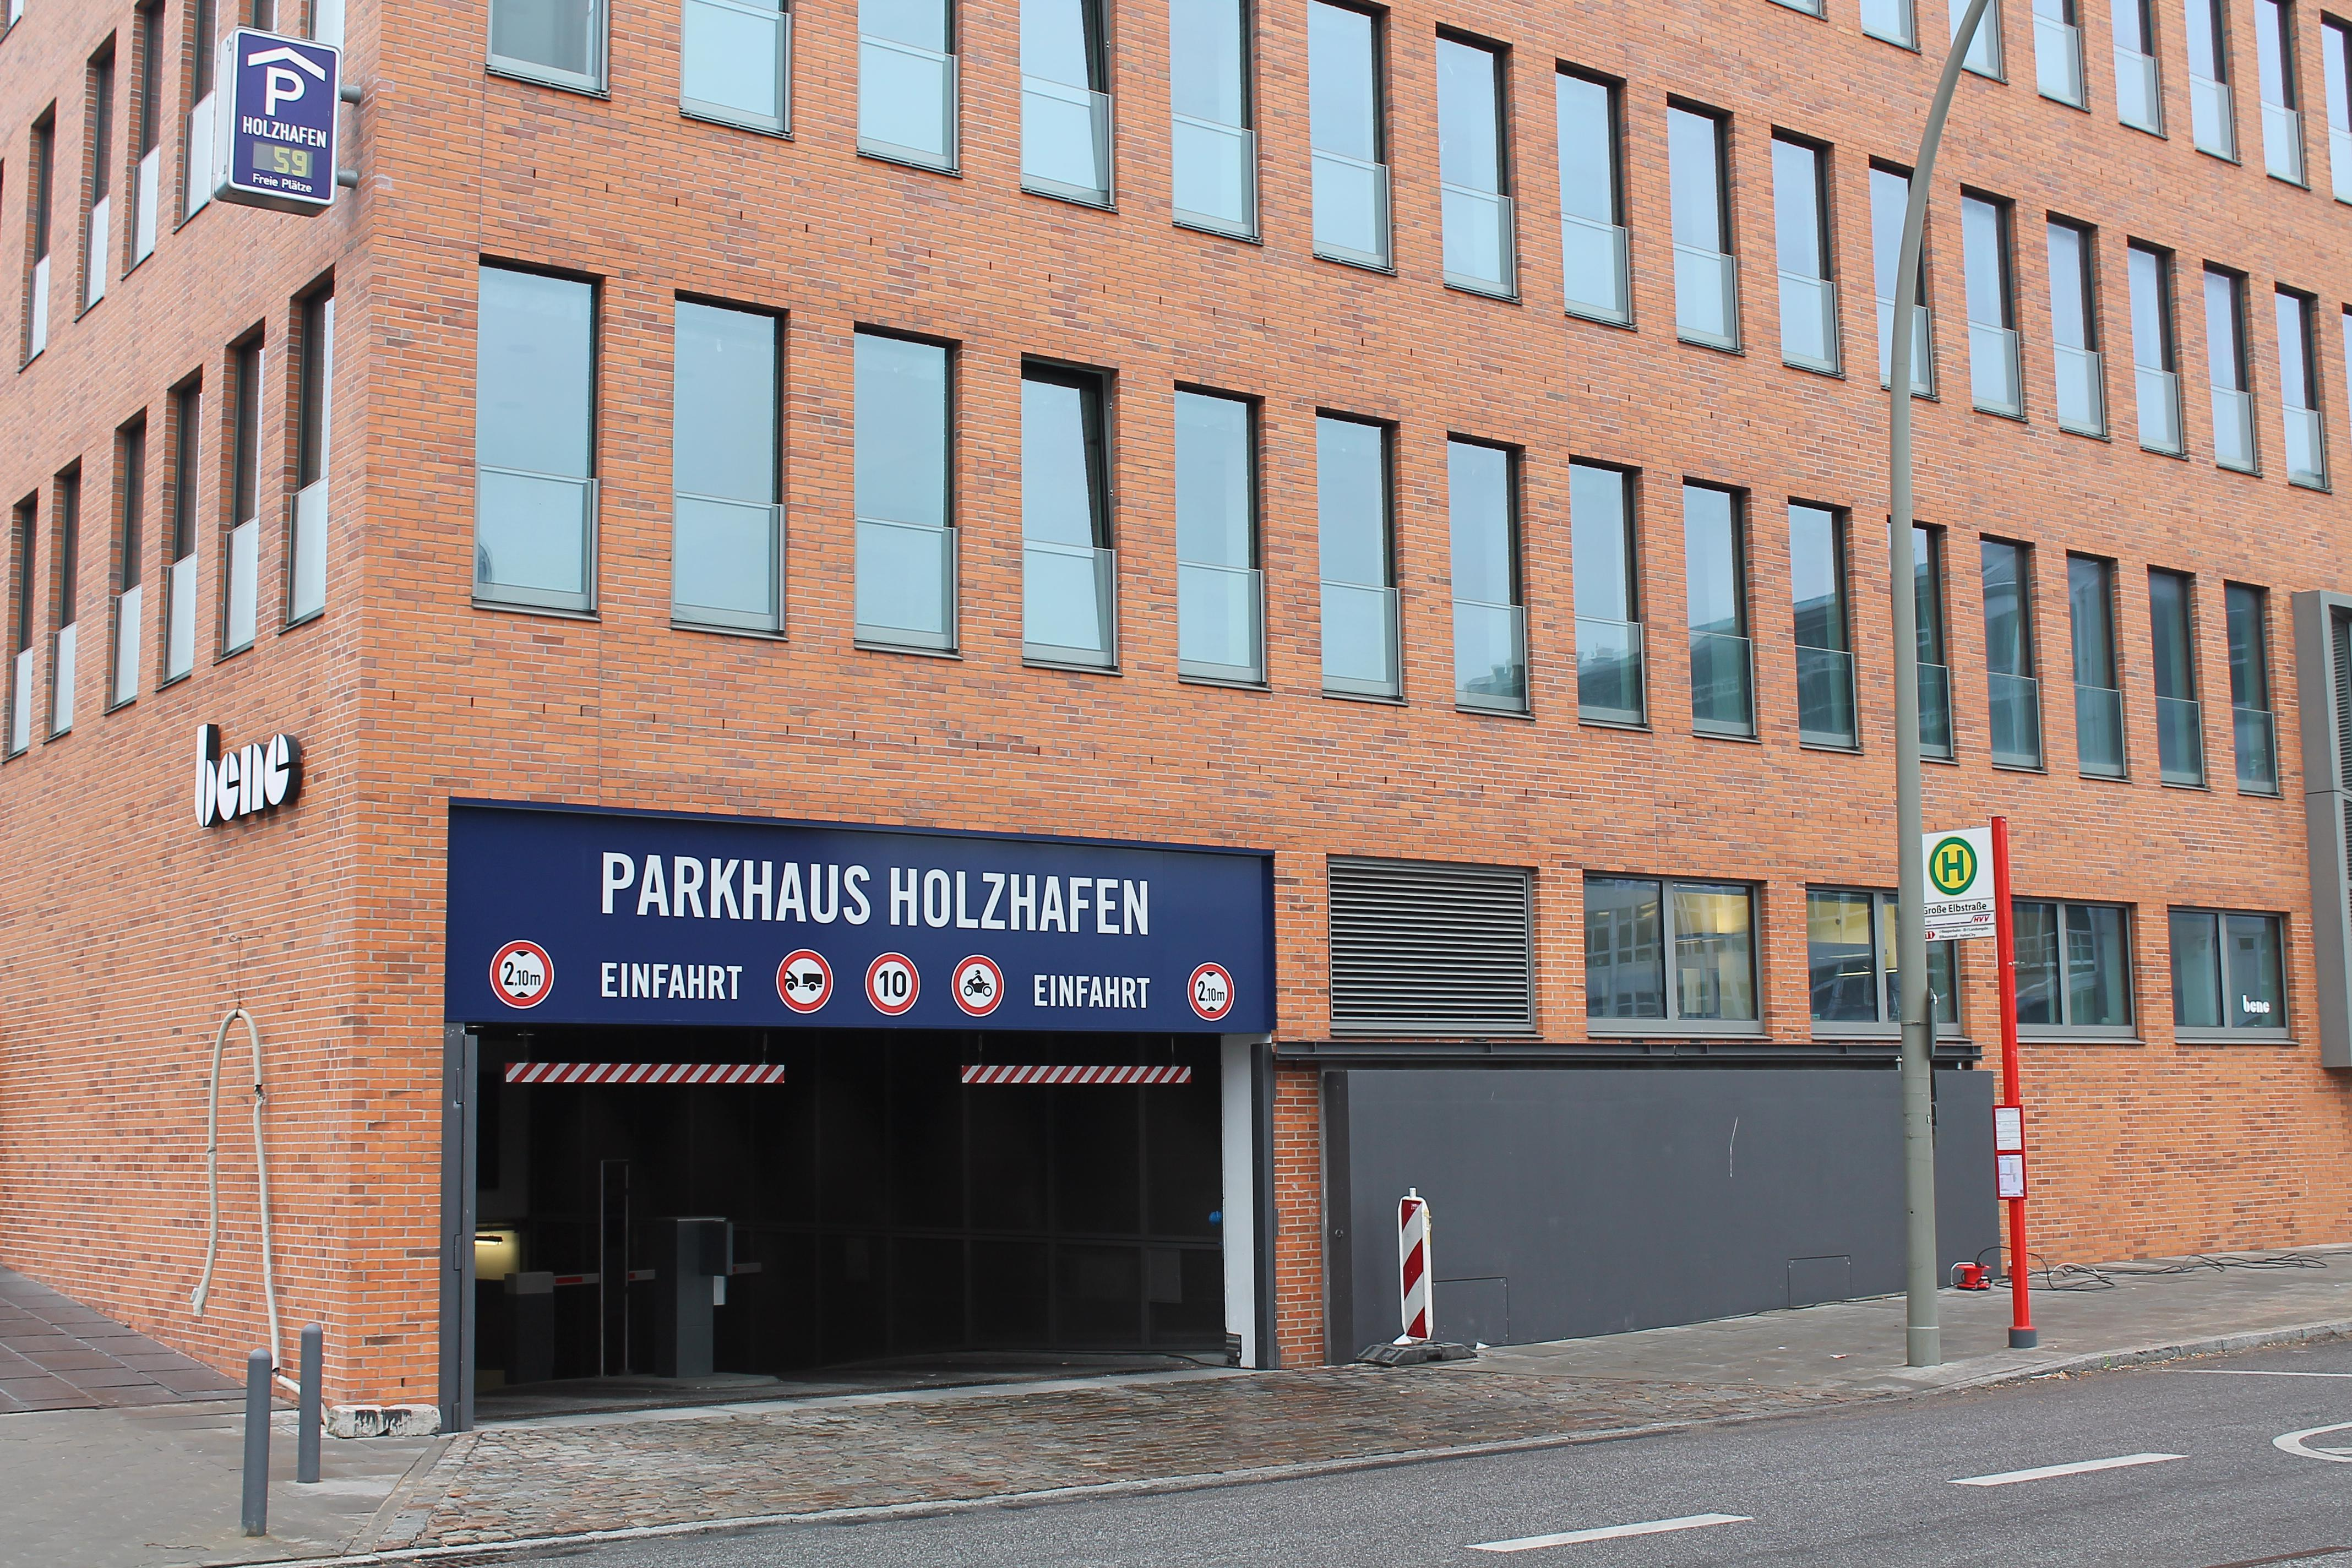 Parking In Holzhafen Apcoa Parking